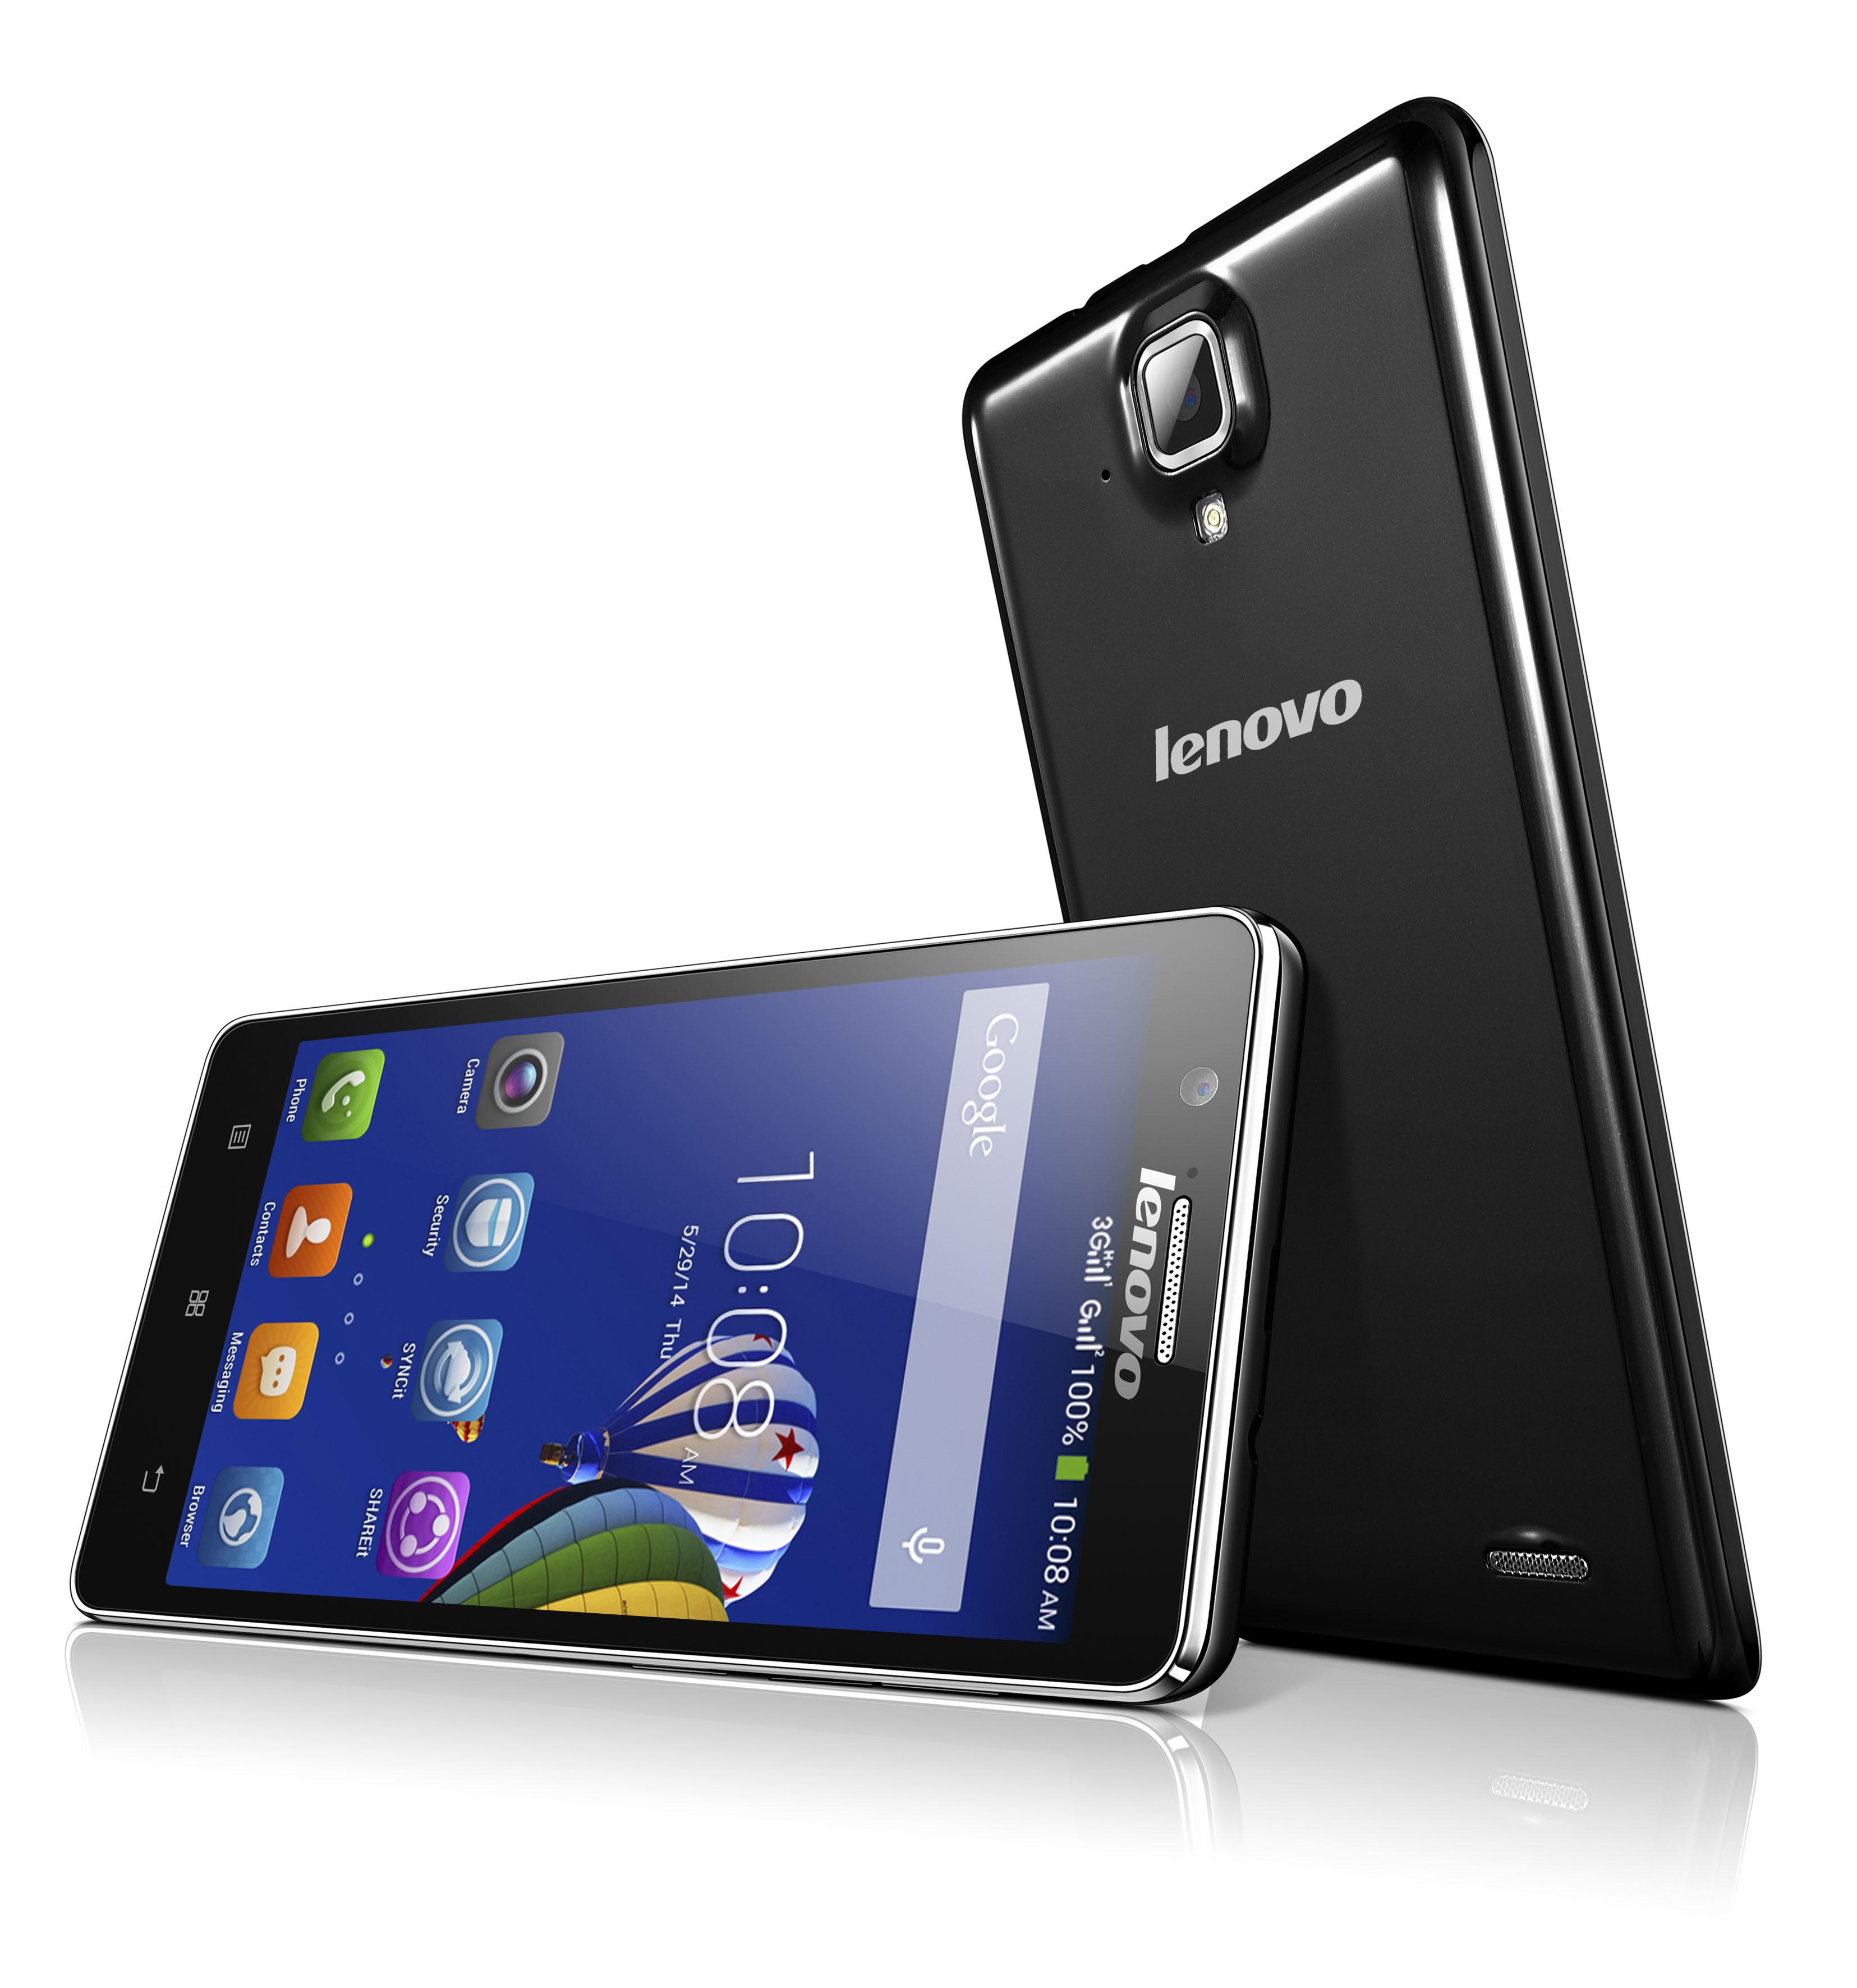 A536 black 01 hires - Lenovo ra mắt điện thoại phổ thông A536